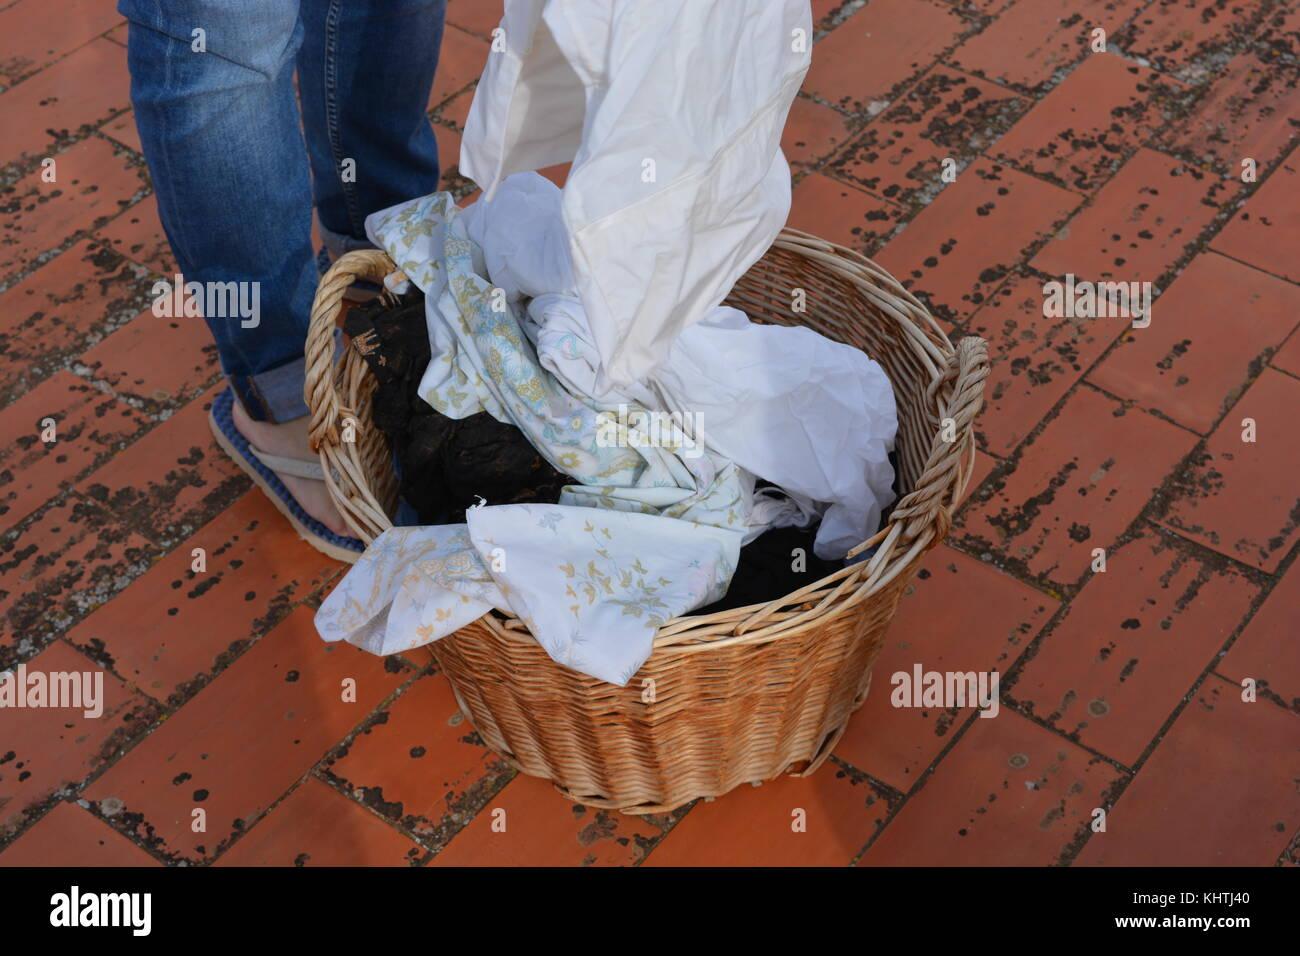 Laundry day. femme avec un panier en osier de pendre le linge humide pour sécher, suivi d'un chat Photo Stock